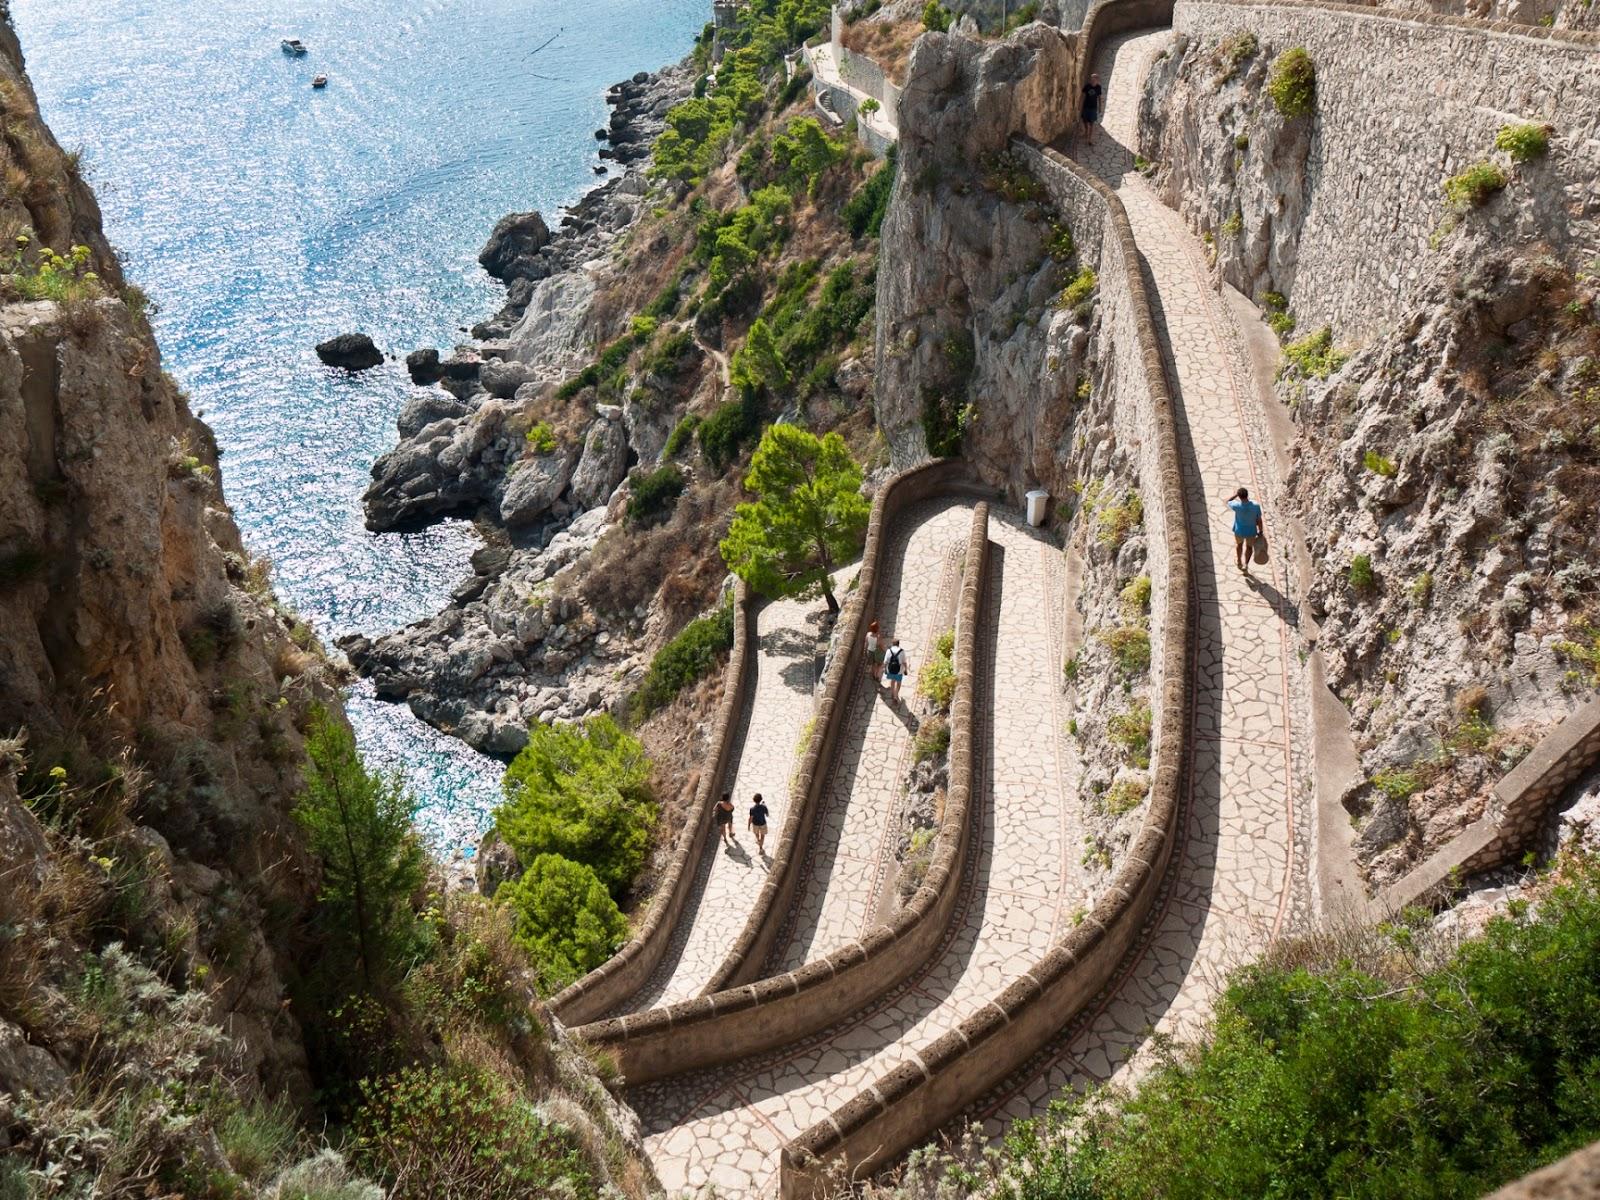 في جزيرة capri ايطاليا #capri #italy #tourism